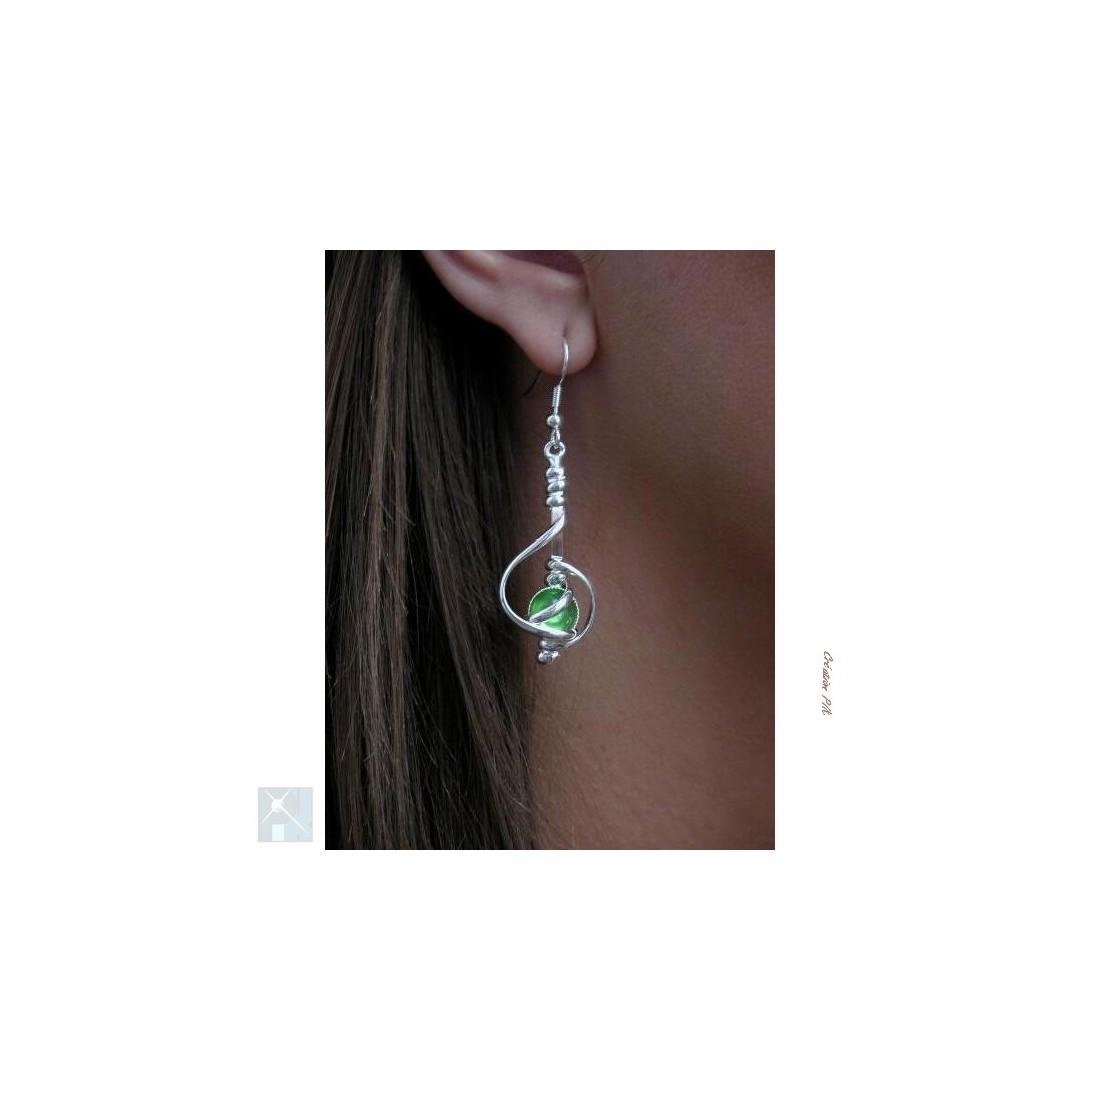 Boucles d'oreilles de créateur français-vert clair.